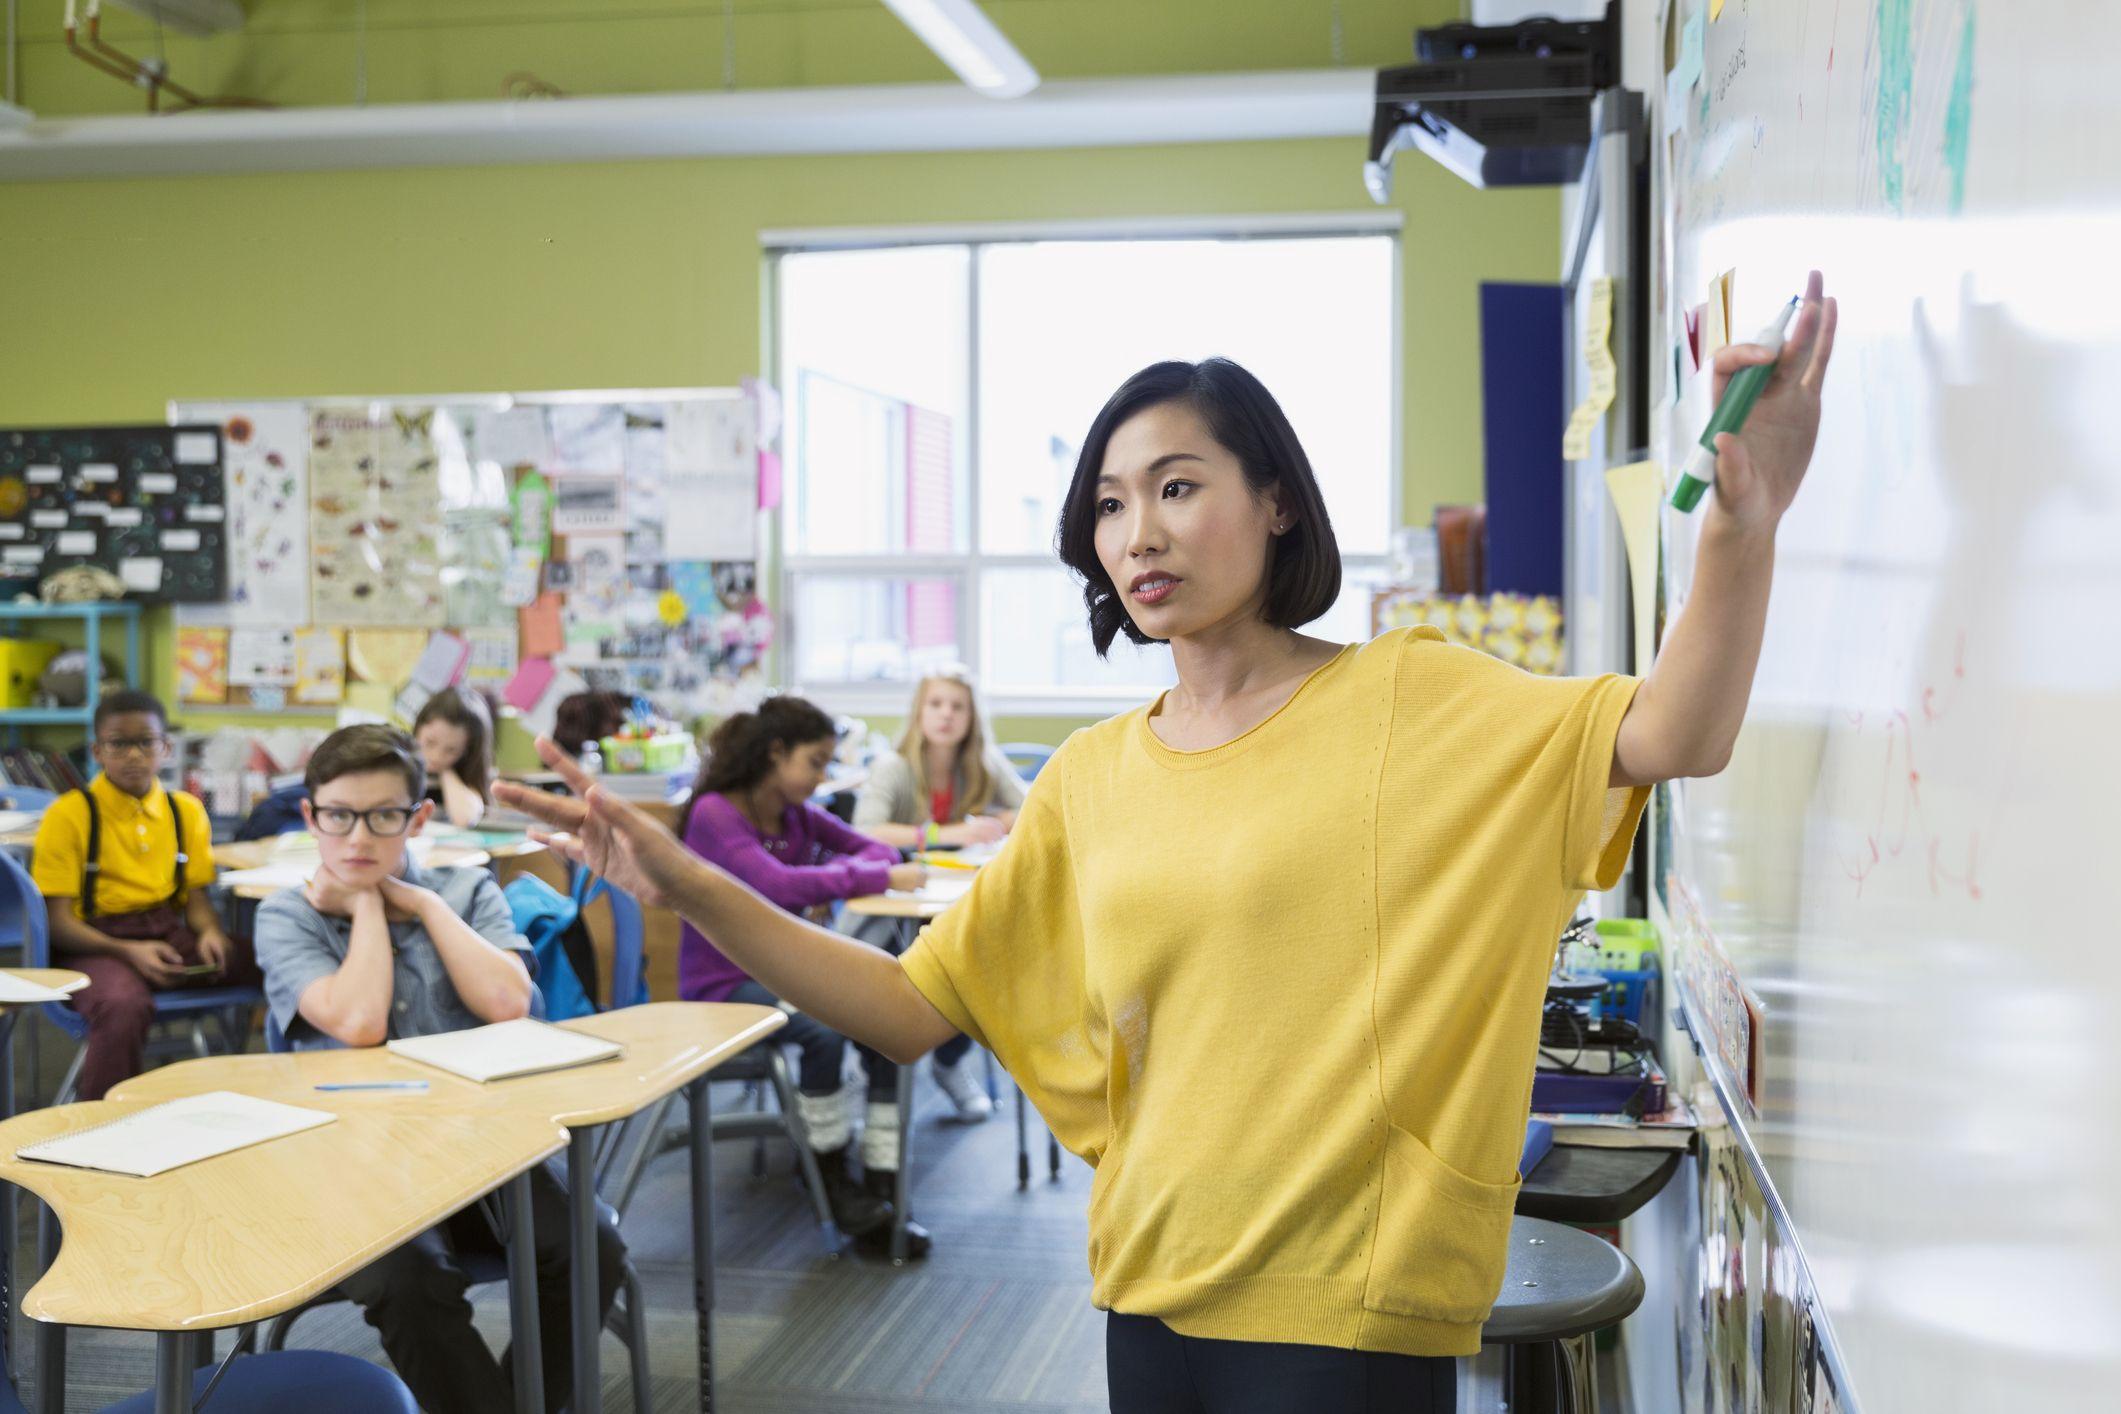 The 9 Best Summer Jobs for Teachers